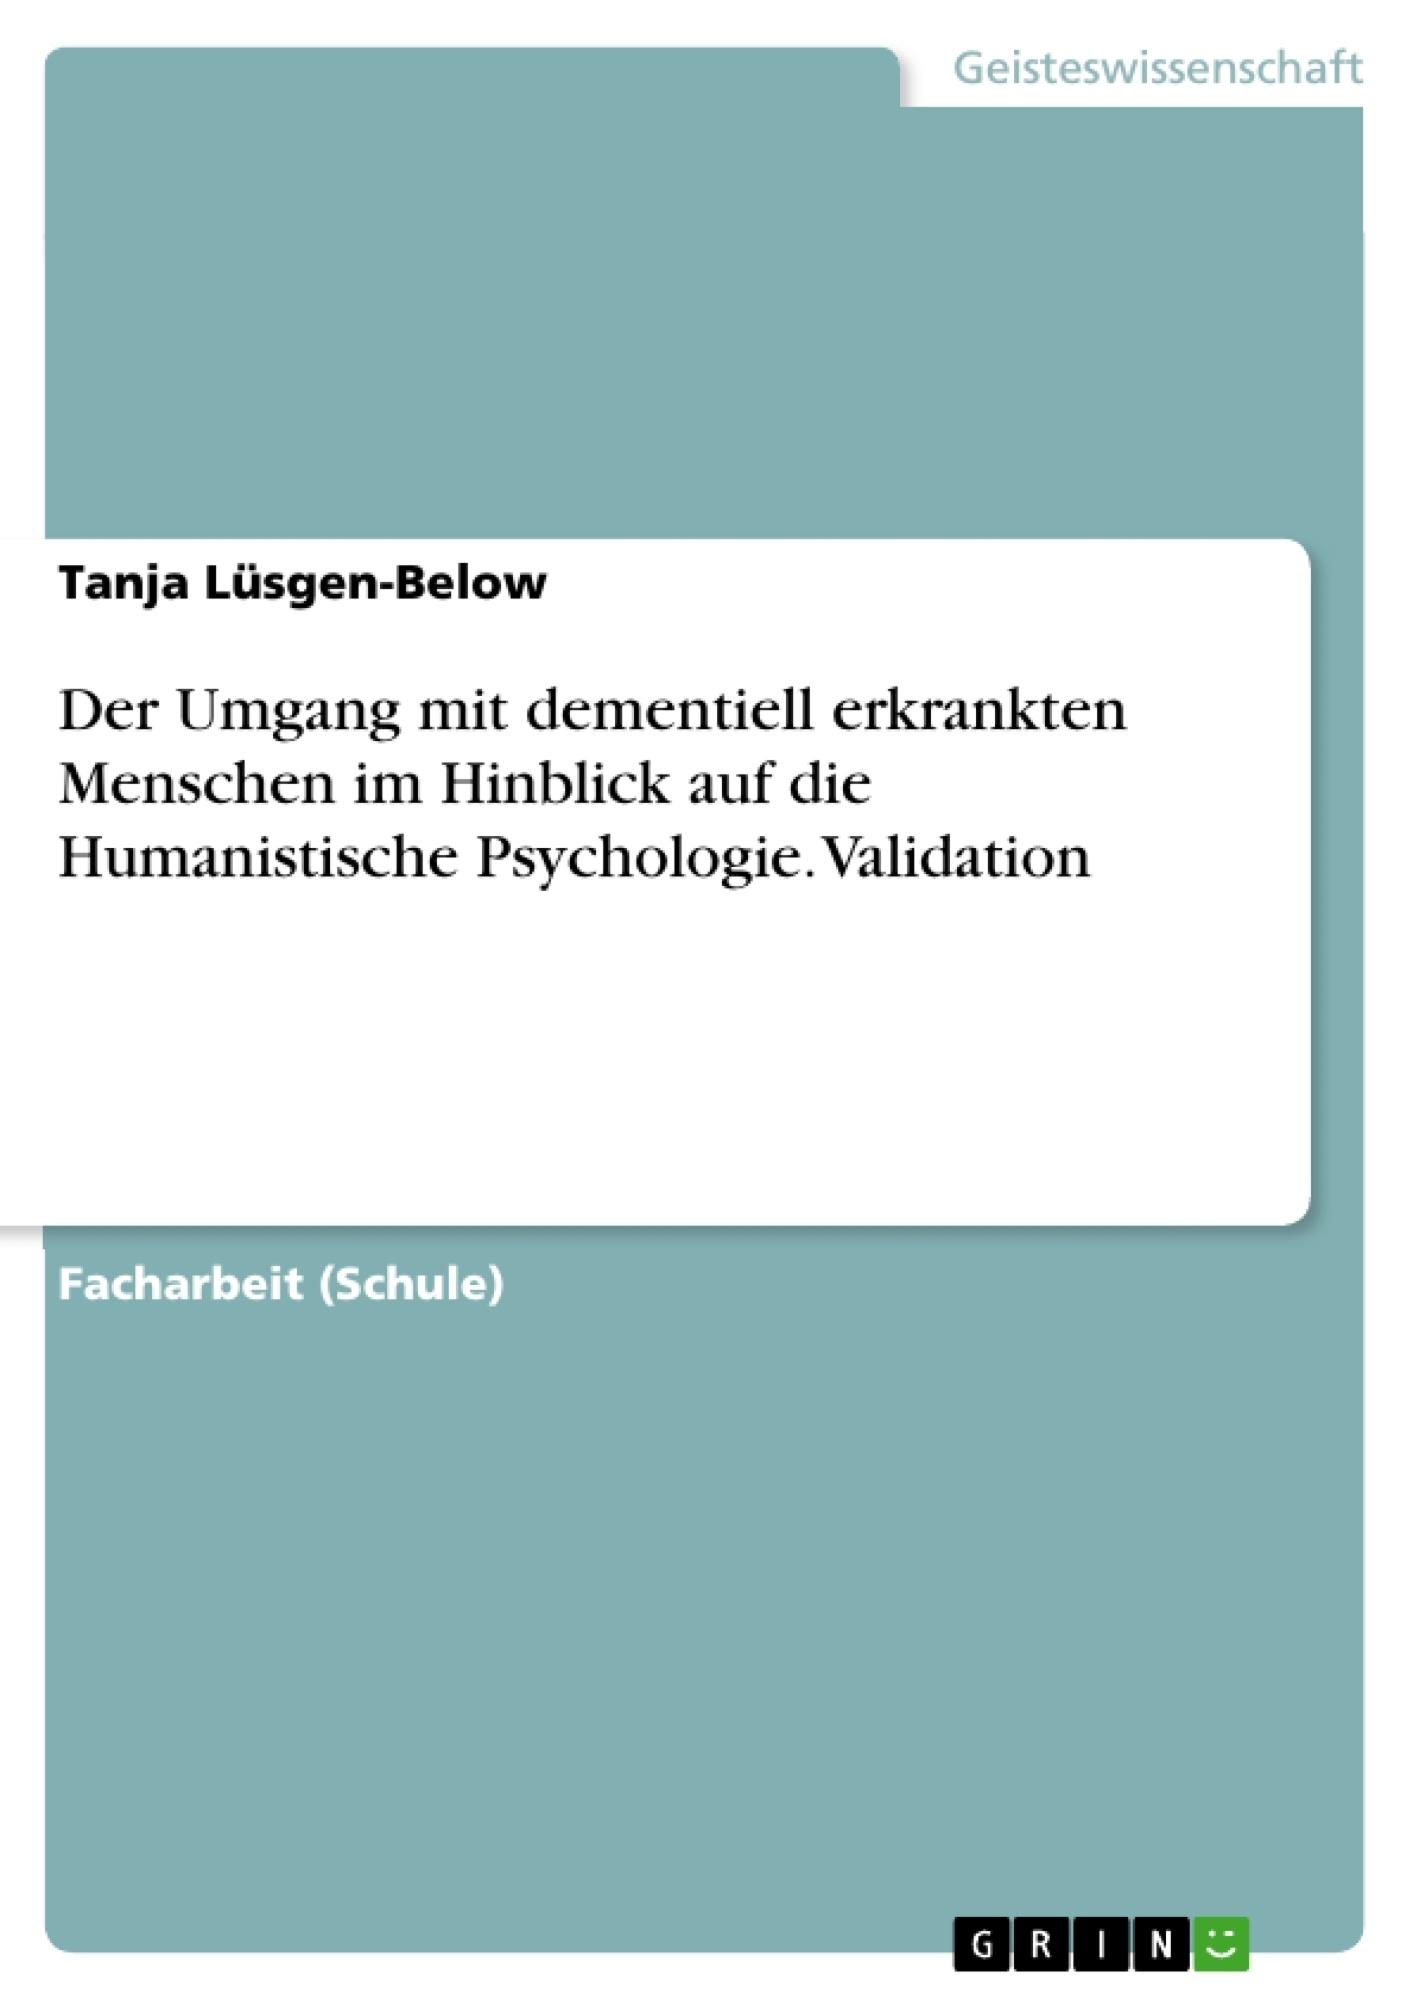 Titel: Der Umgang mit dementiell erkrankten Menschen im Hinblick auf die Humanistische Psychologie. Validation